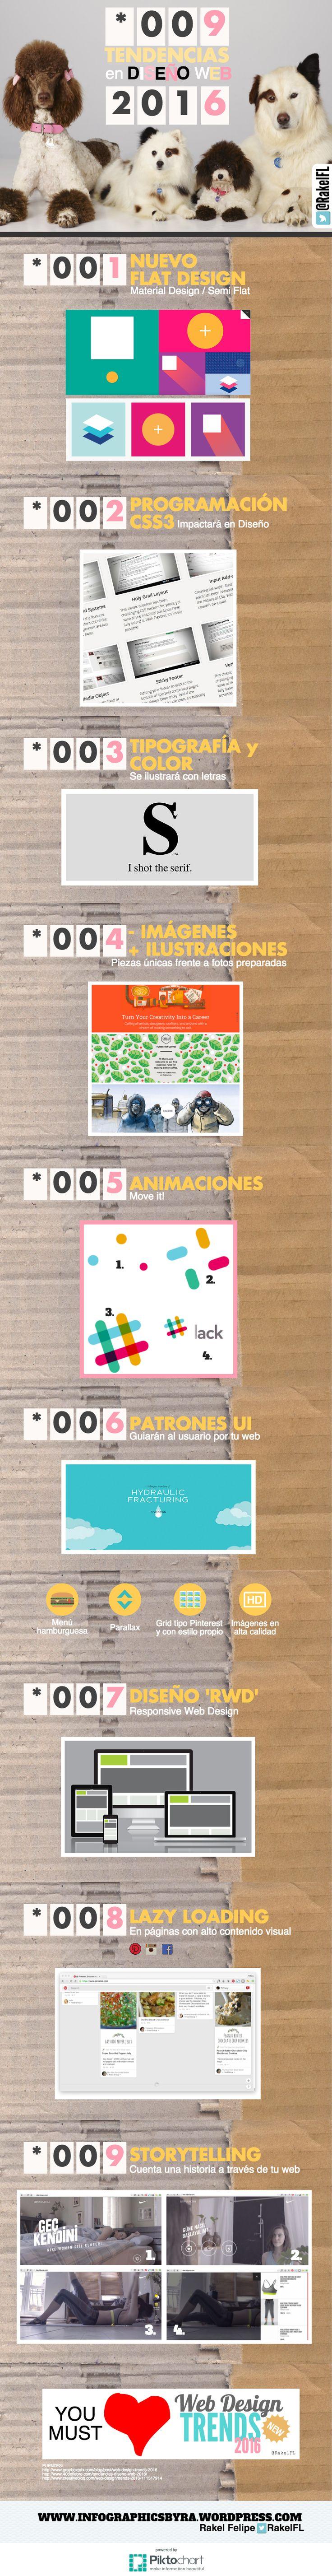 Diseño Web: Tendencias para 2016 (by Rakel Felipe)